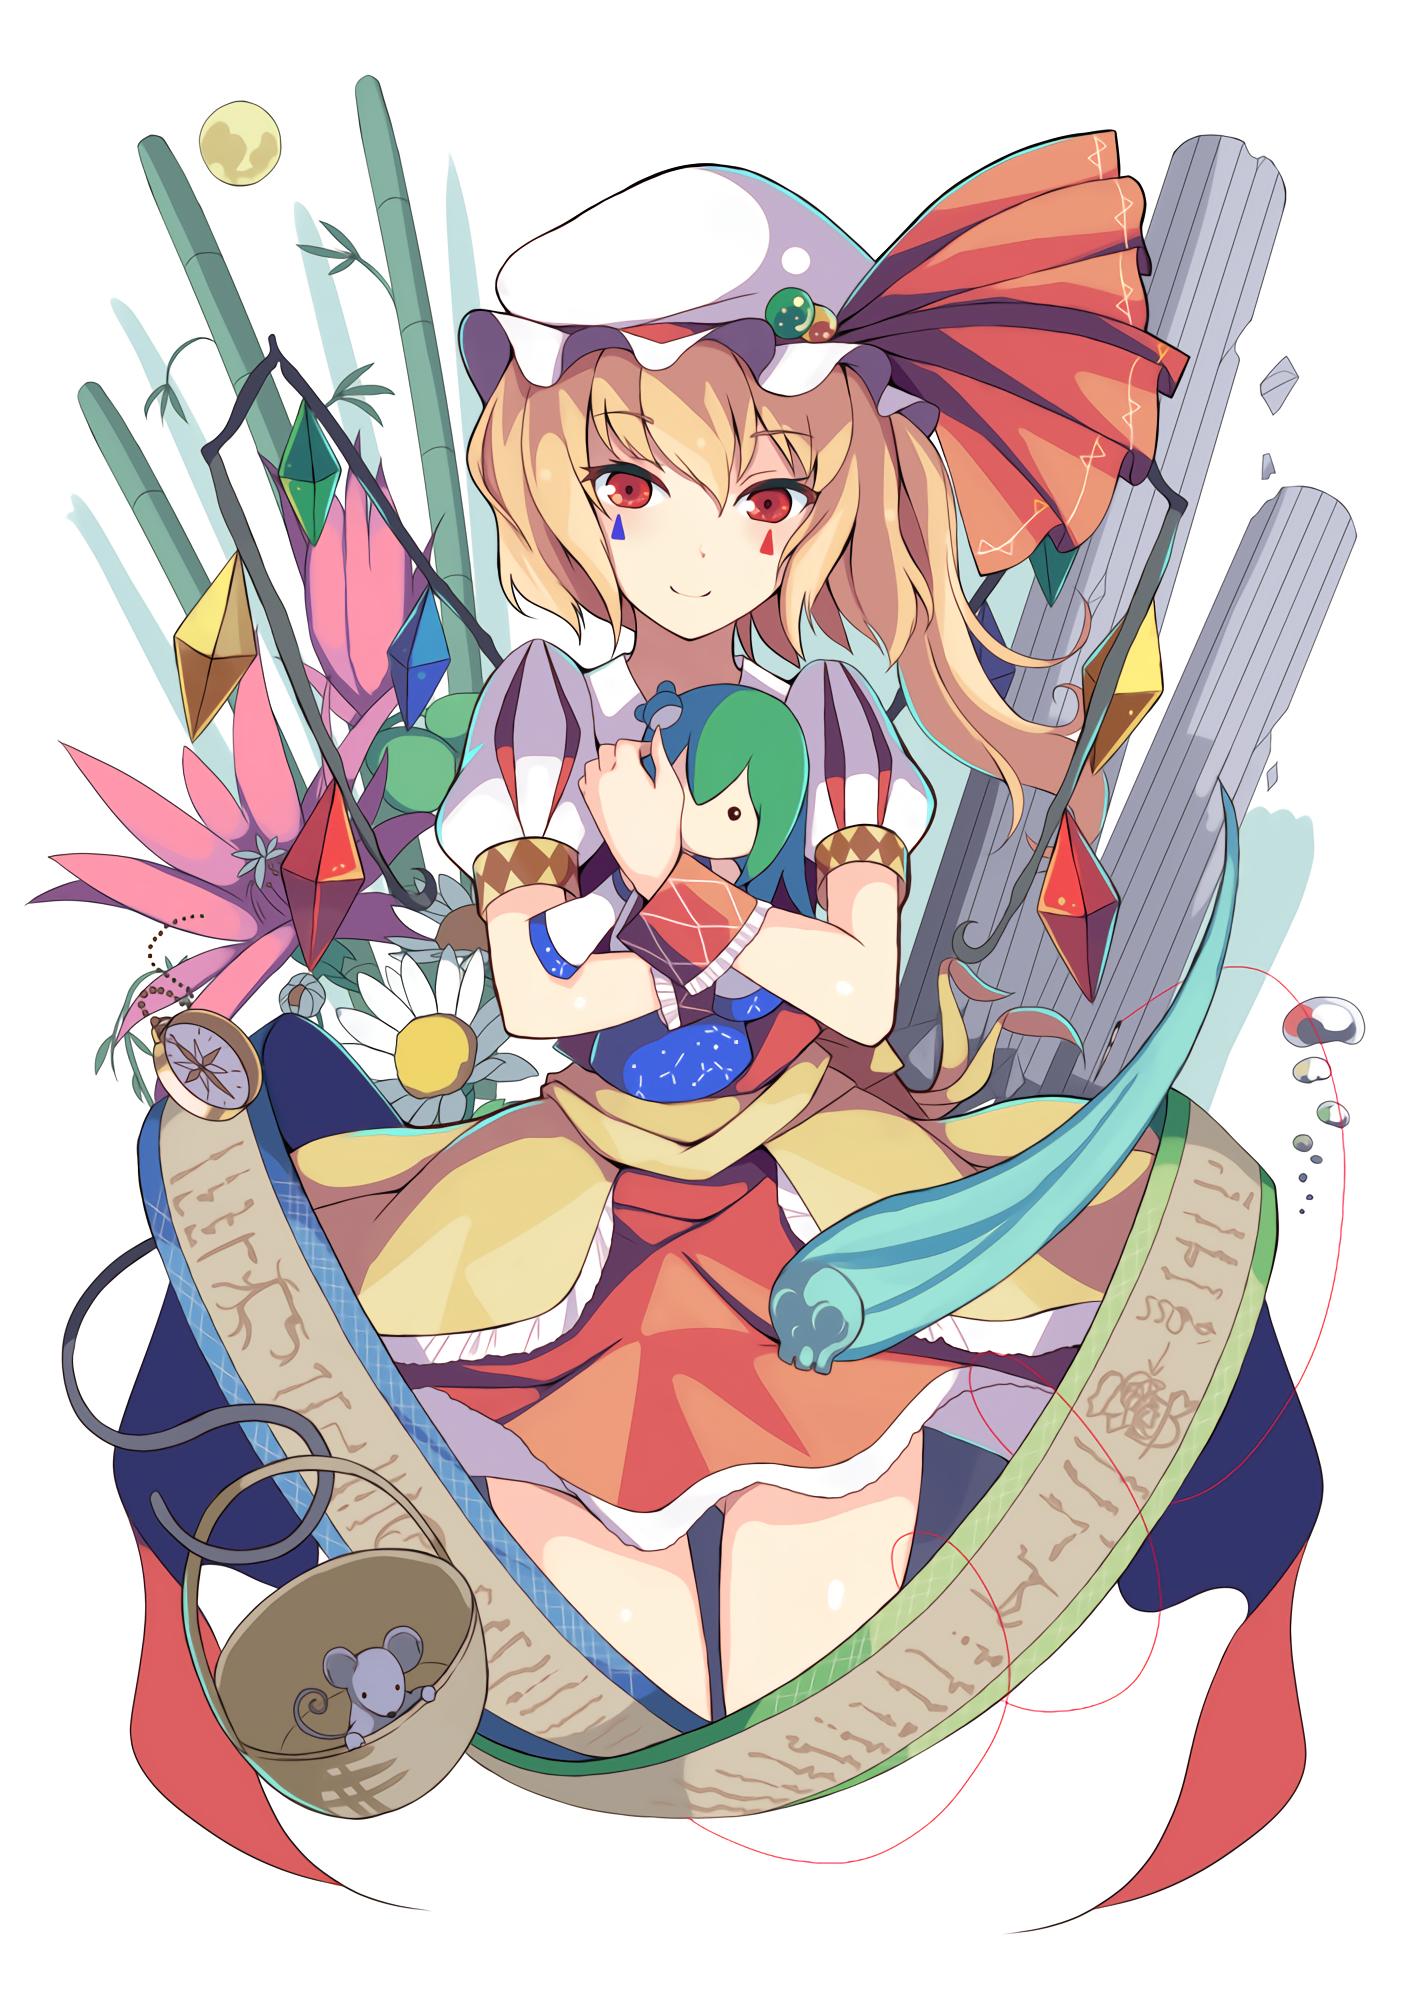 東方 touhou 東方 かわいい アニメのネコ アニメの描き方